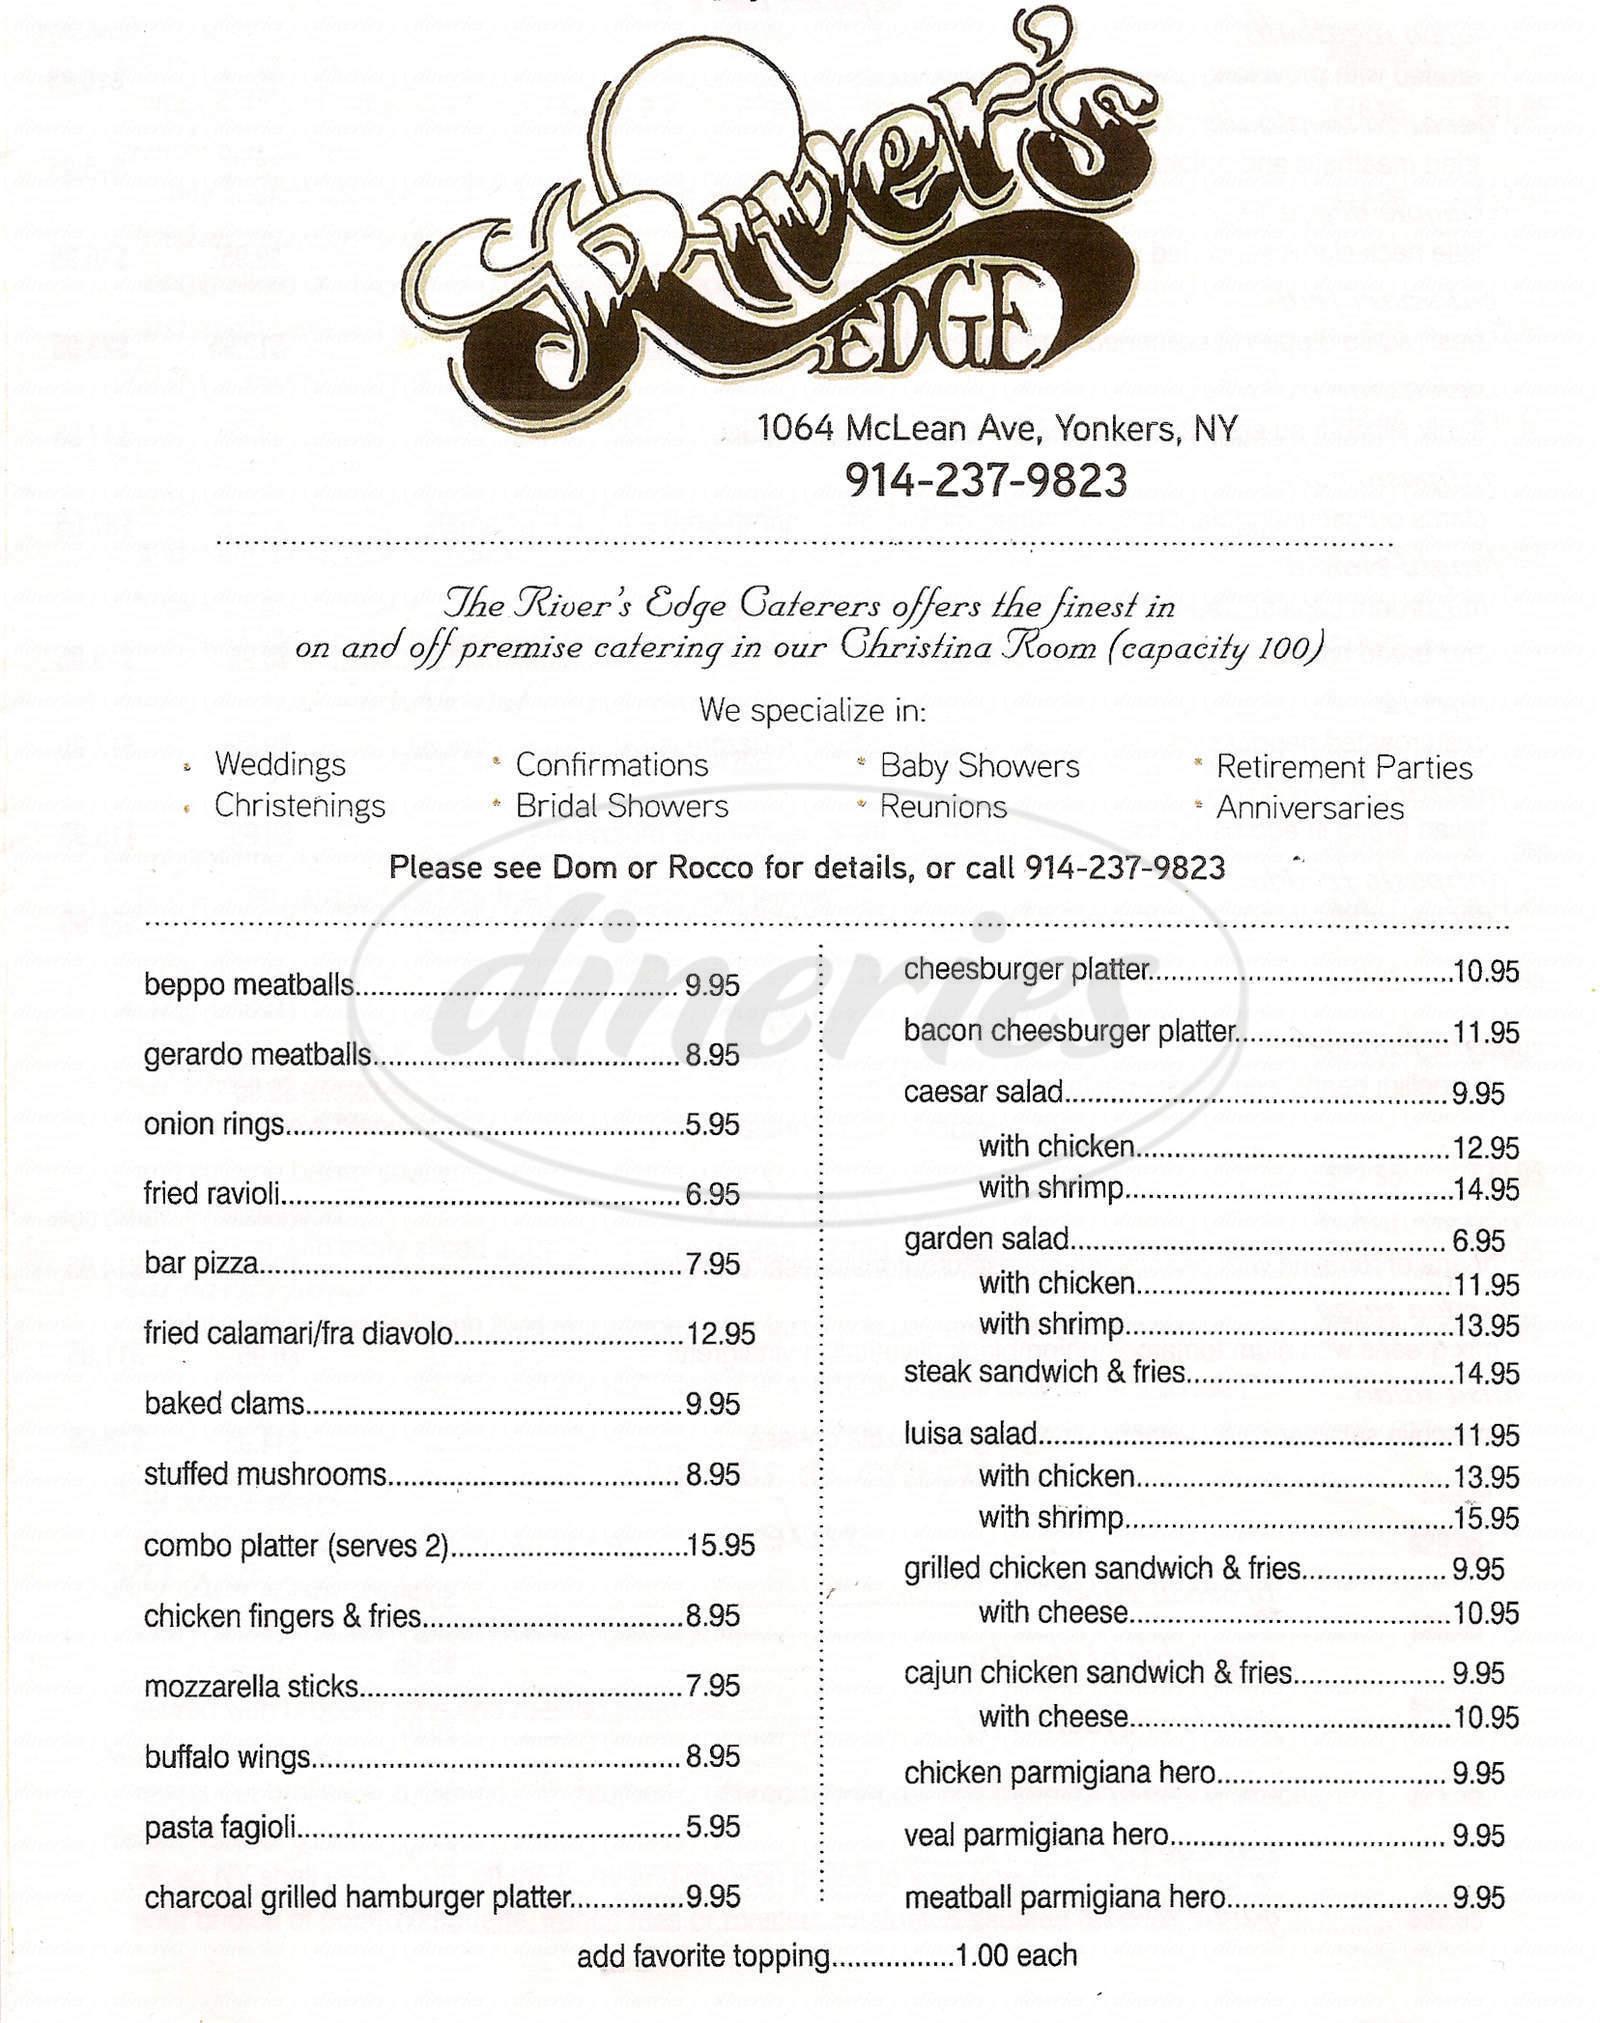 menu for River's Edge